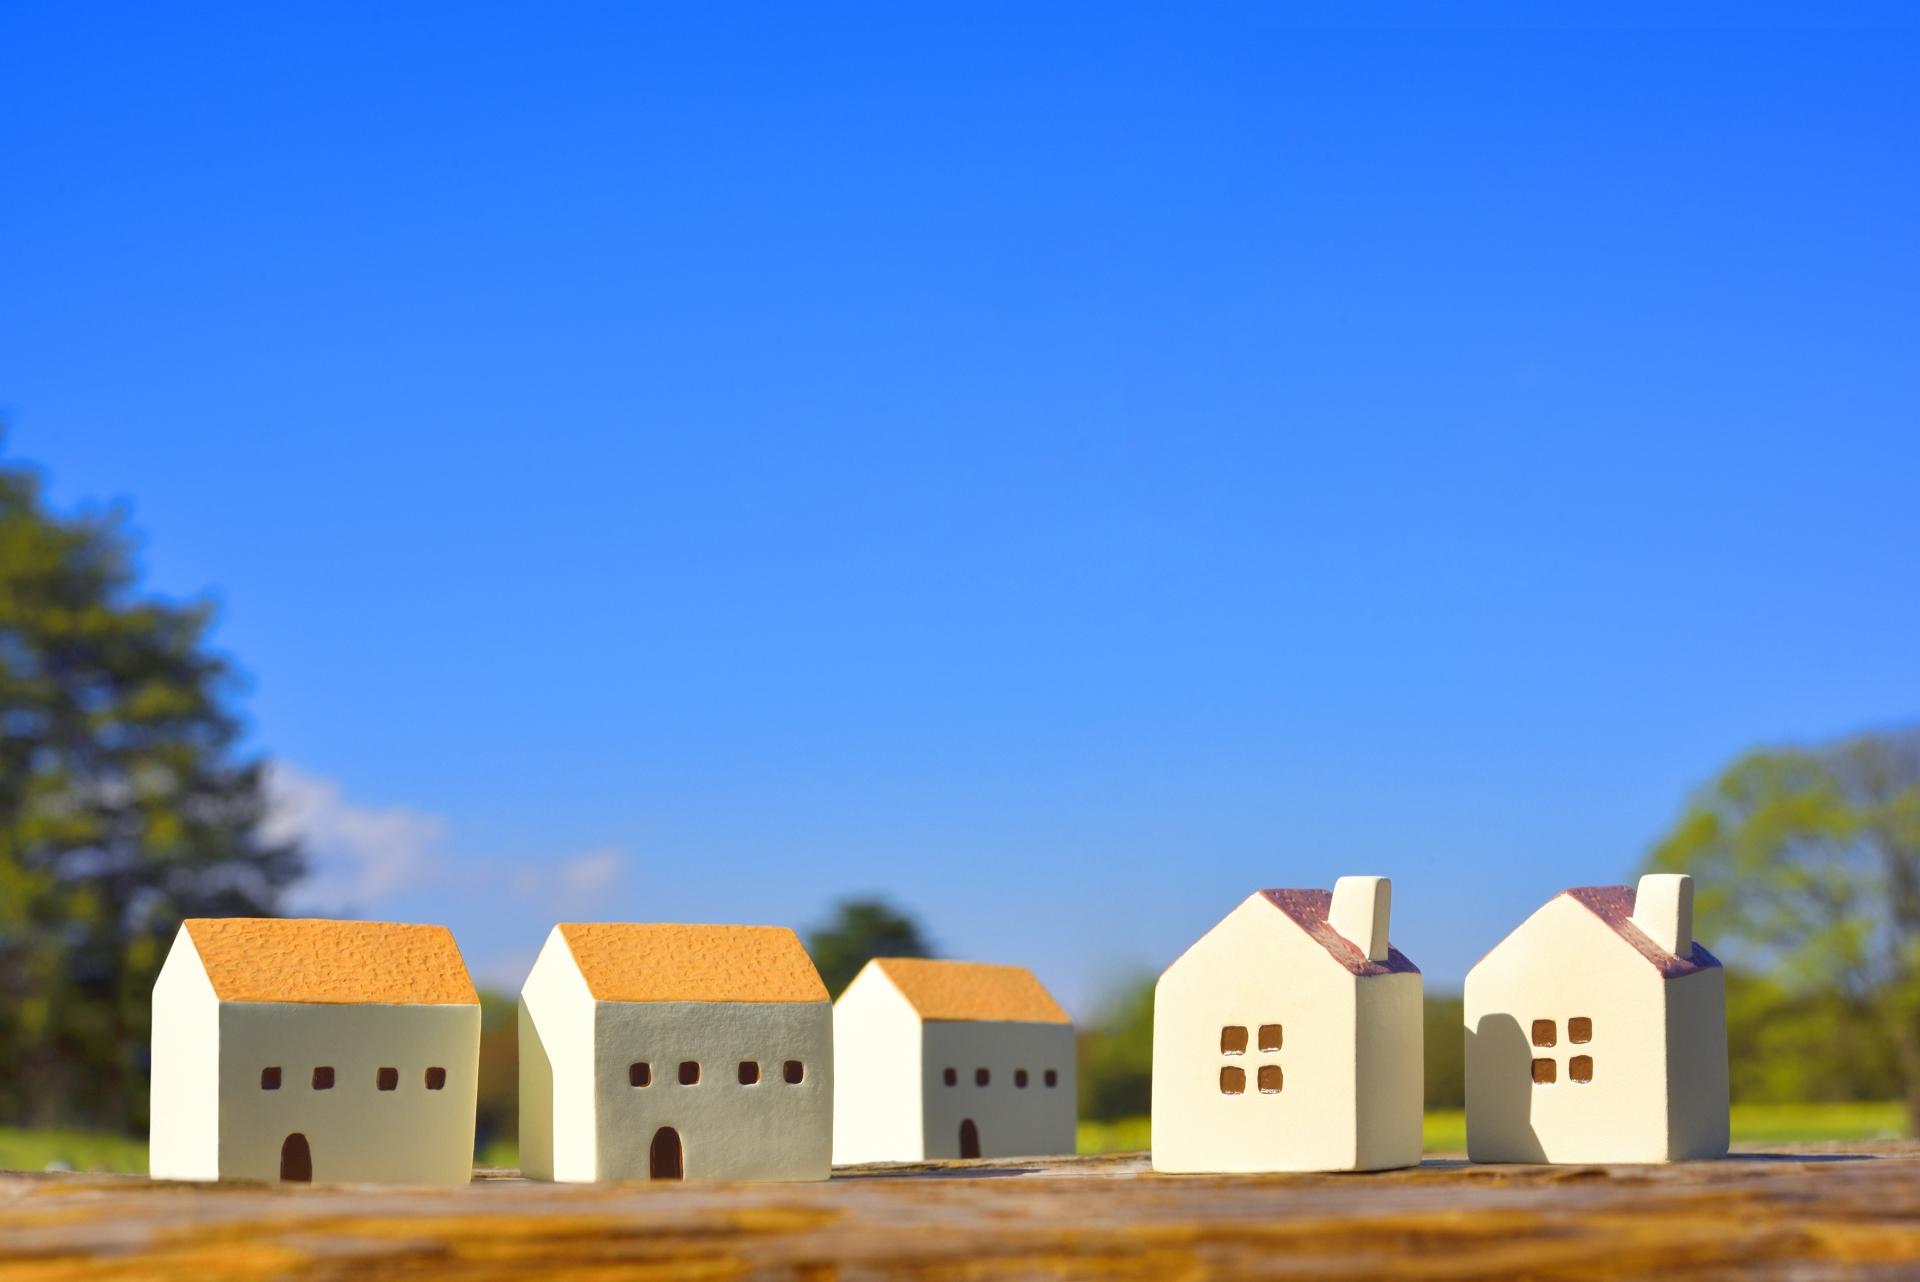 高時給&住宅補助あり◎>屋根の下での家づくりstaff業務風景